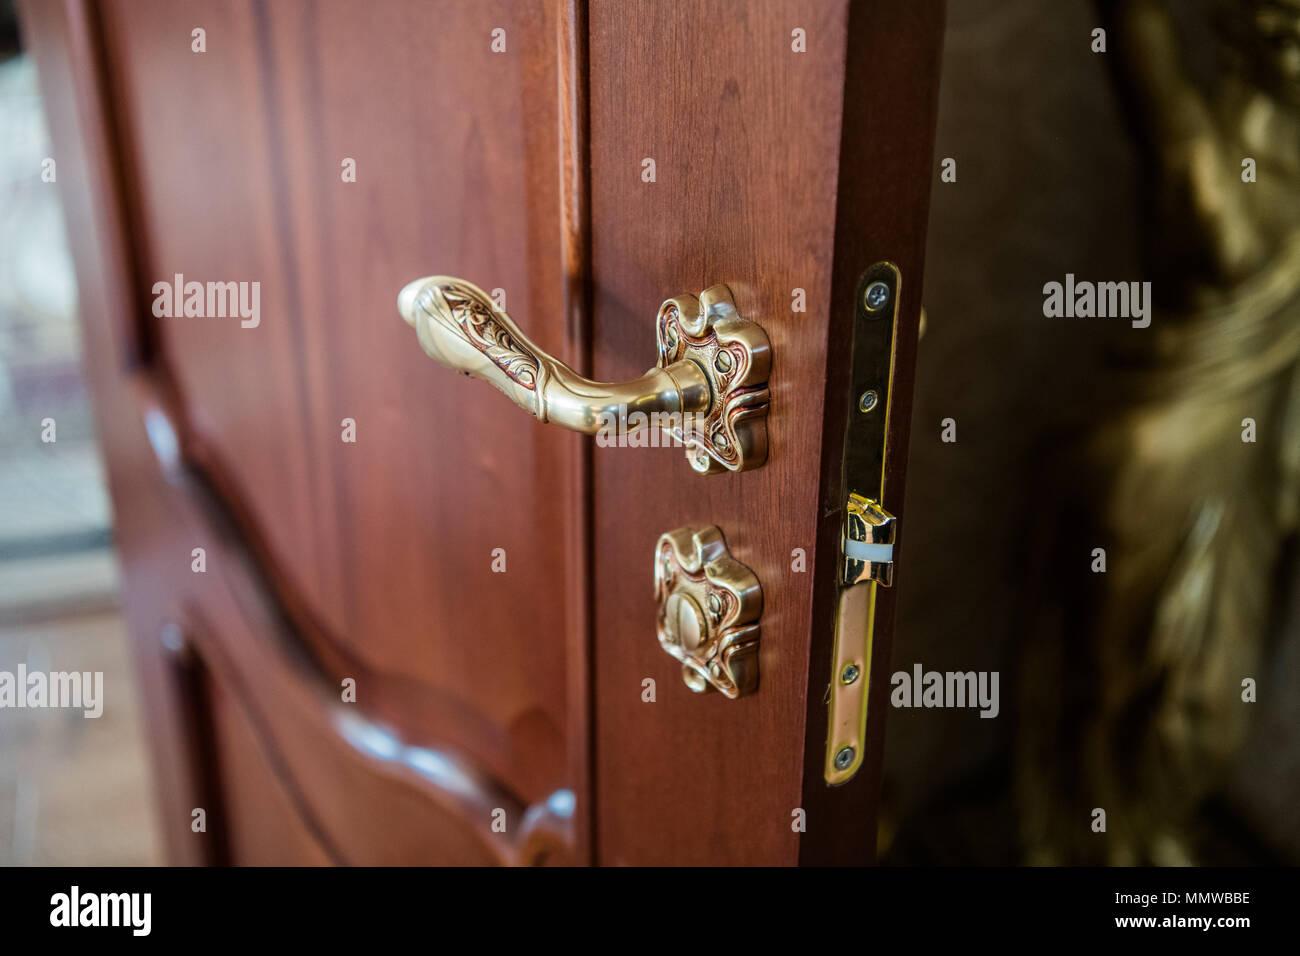 Part of the door. Antique luxury door knob. Elegant handle - Stock Image